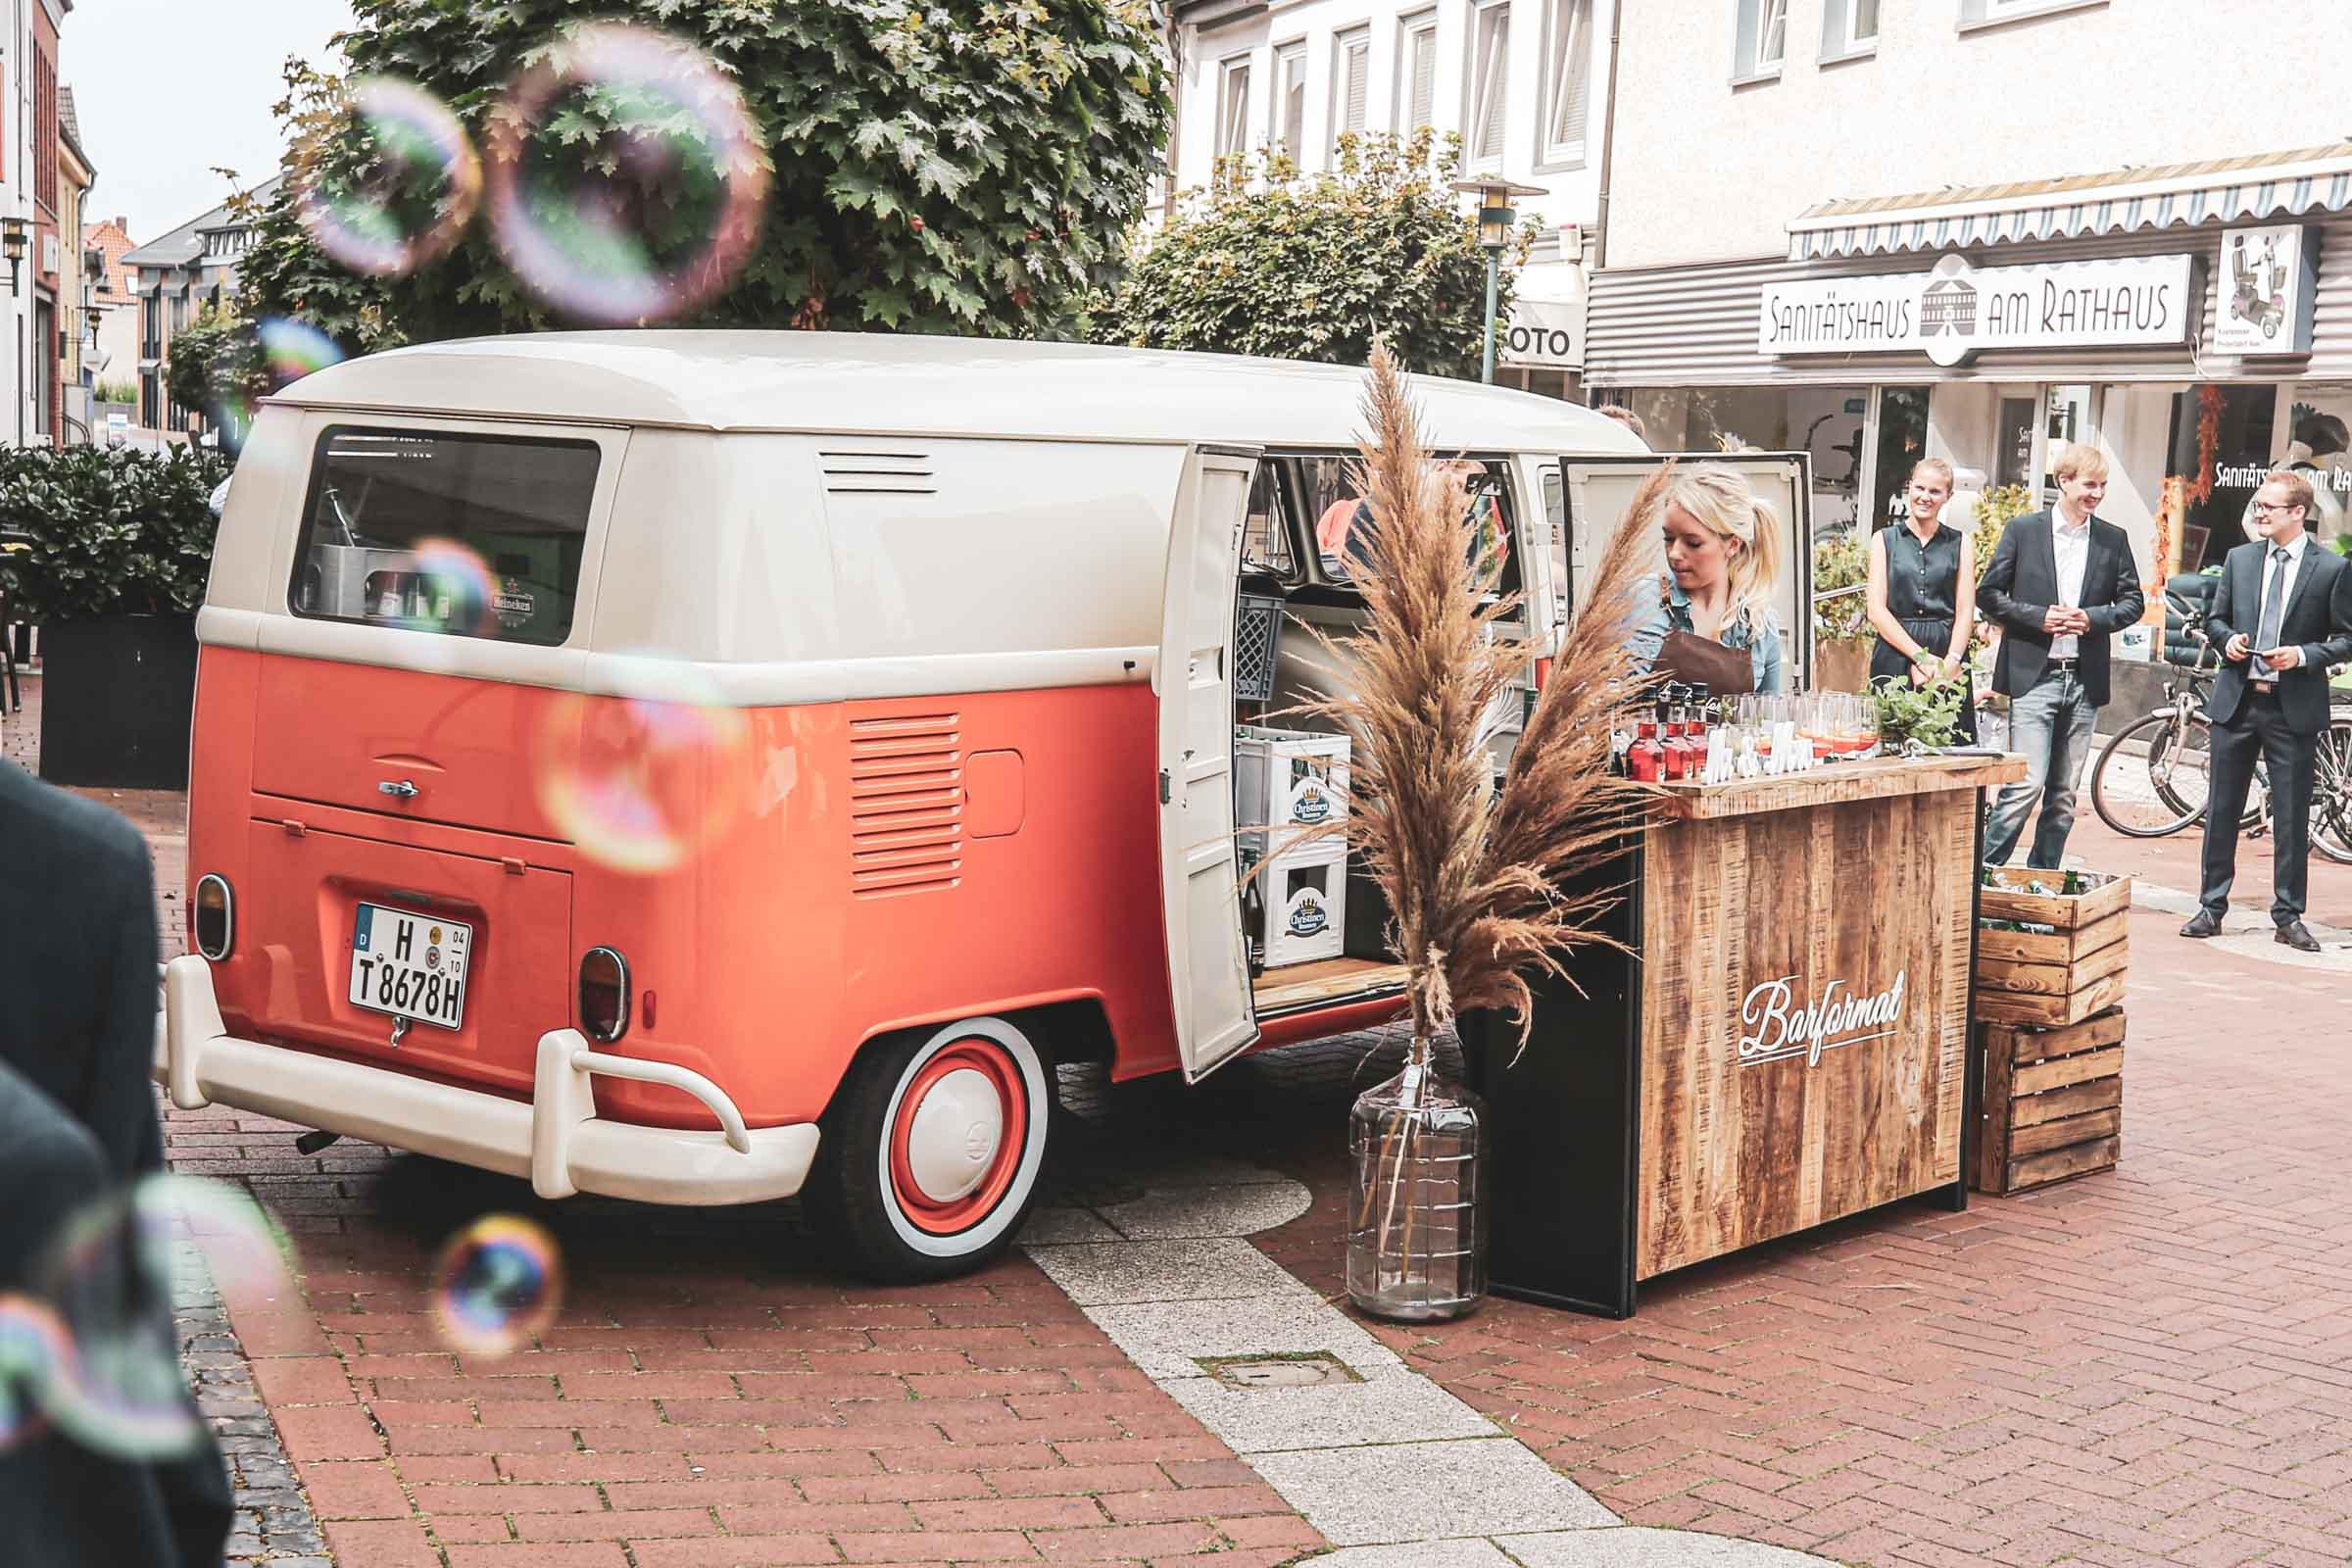 Cocktailservice | Hannover | Mobile | Bar | Bulli | VW | Barformat | Hochzeit | Barkeeper | Kirche | Standesamt | Getränke | Catering | Sektbar | Buchen | Mieten | Anfragen